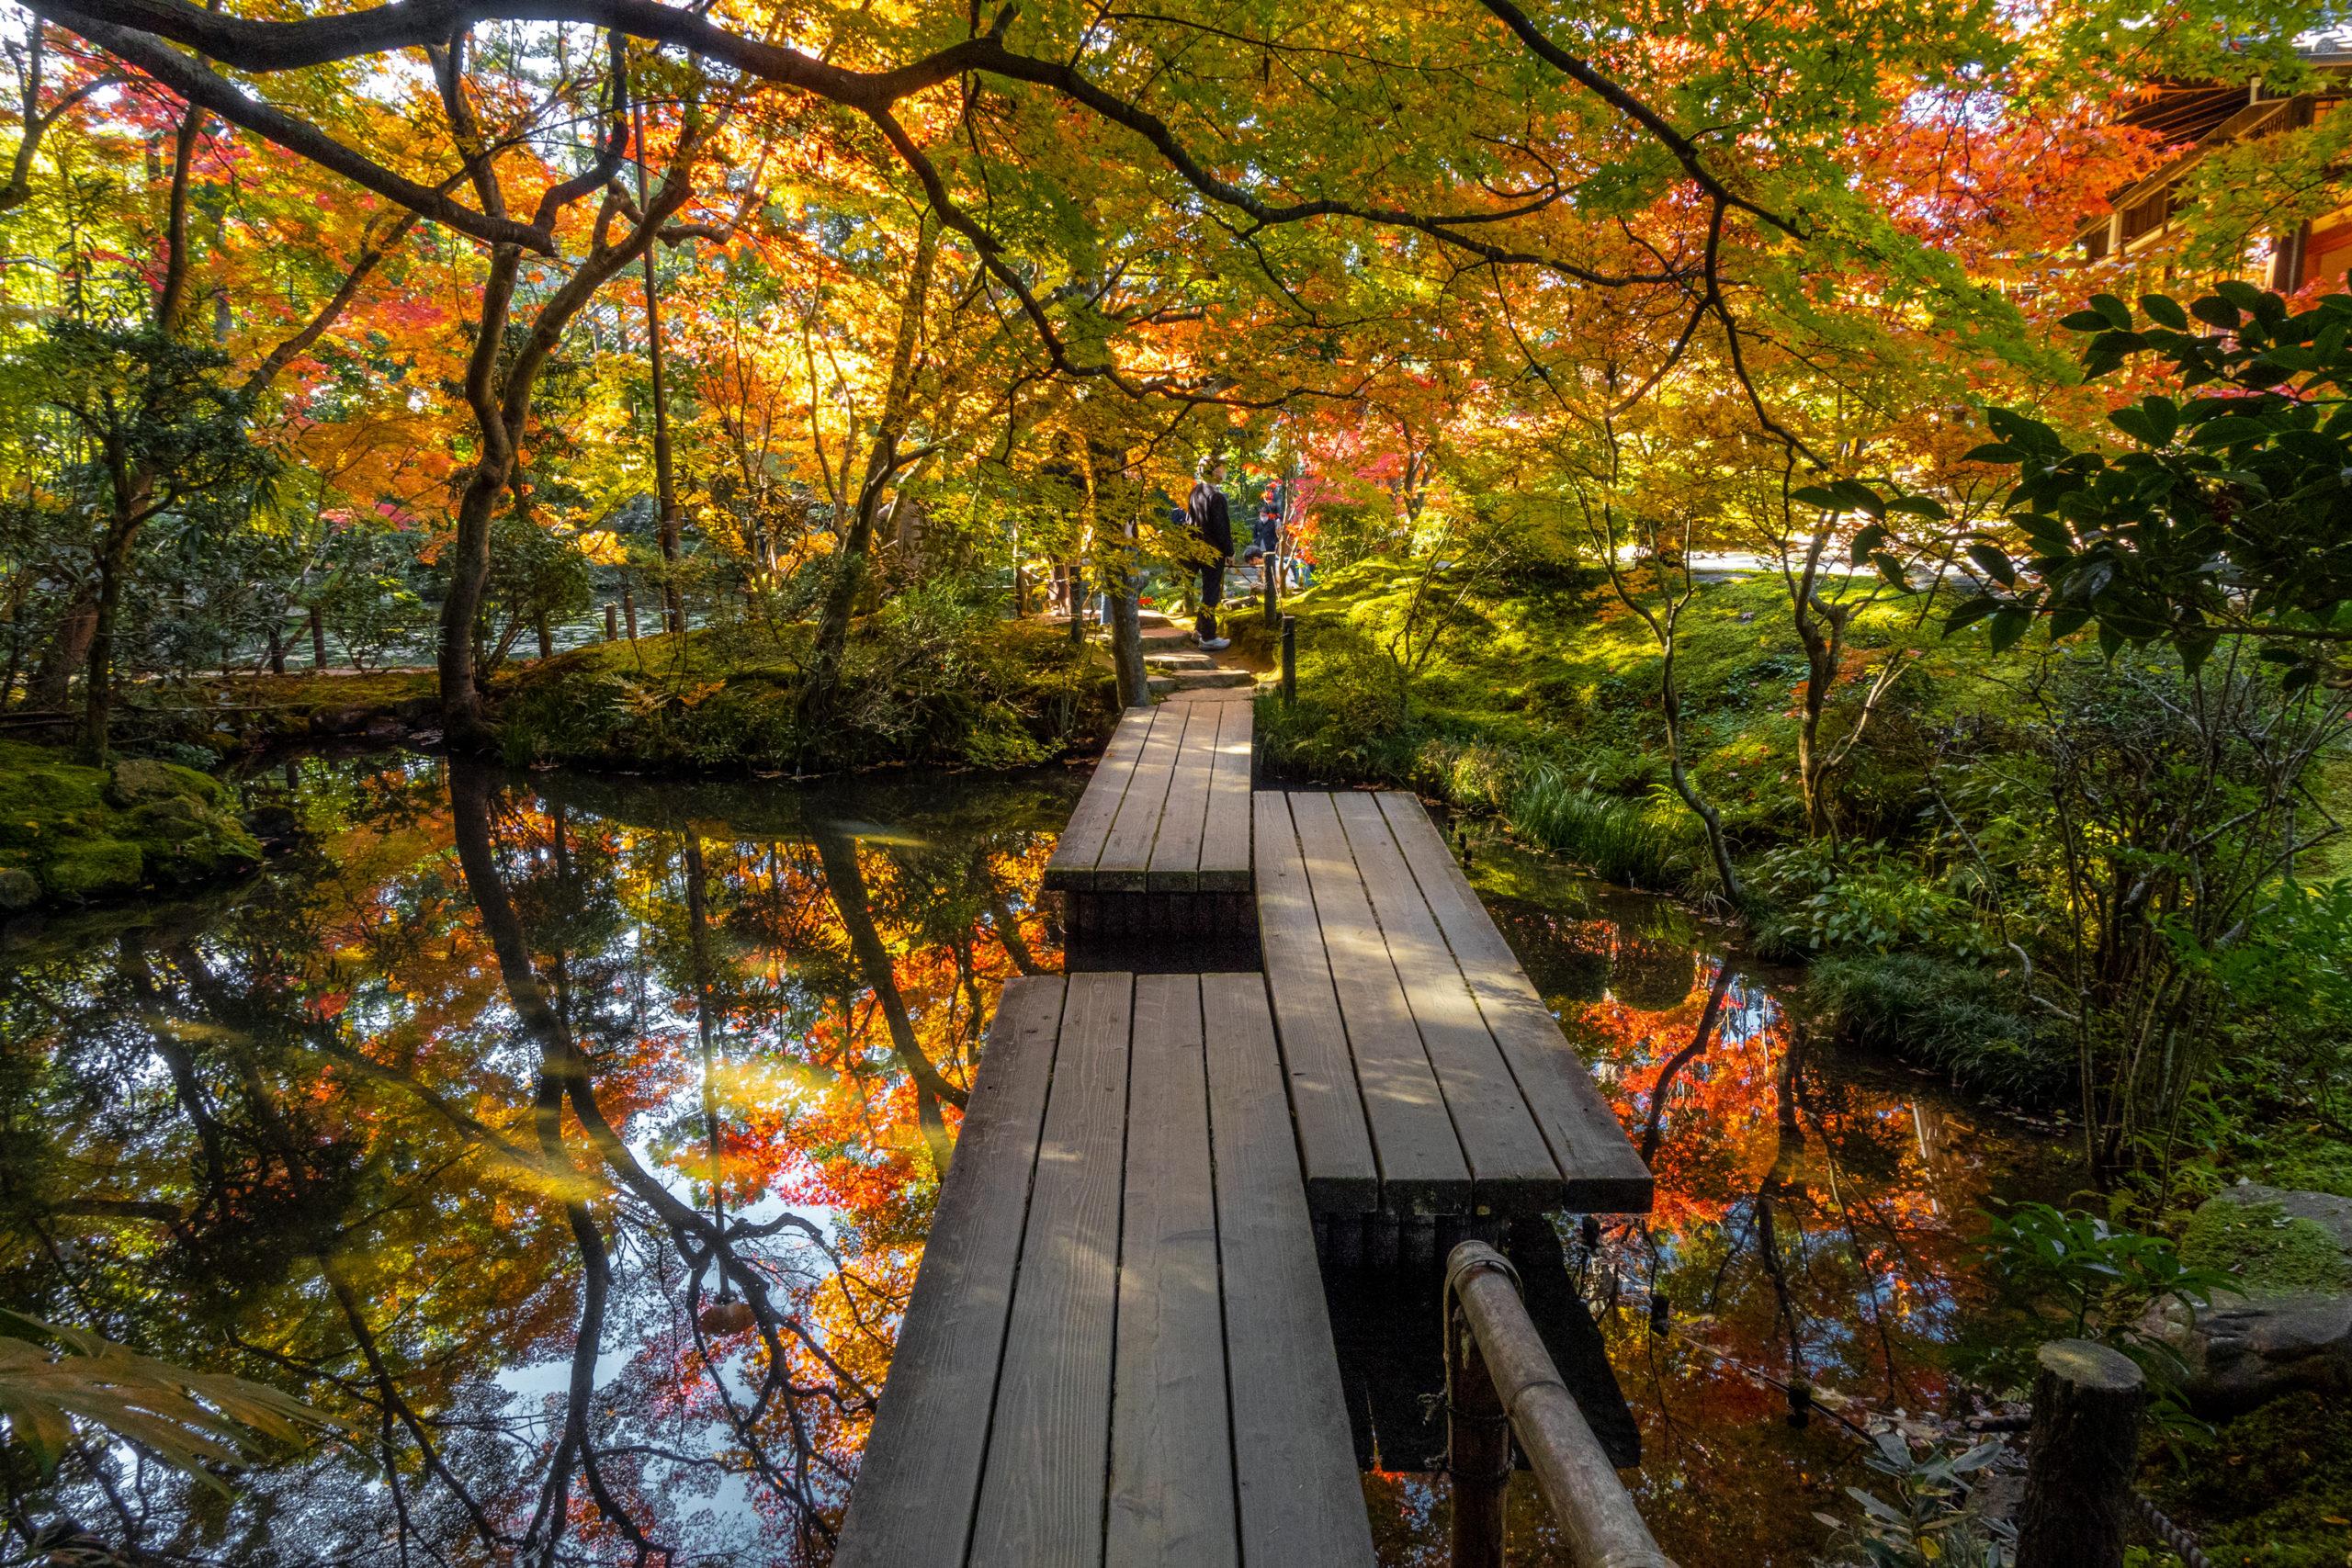 DSC00623-scaled 京都  天授庵(紅葉の美しい庭園が見所な秋におすすめのスポット!撮影した写真の紹介、アクセス情報など)